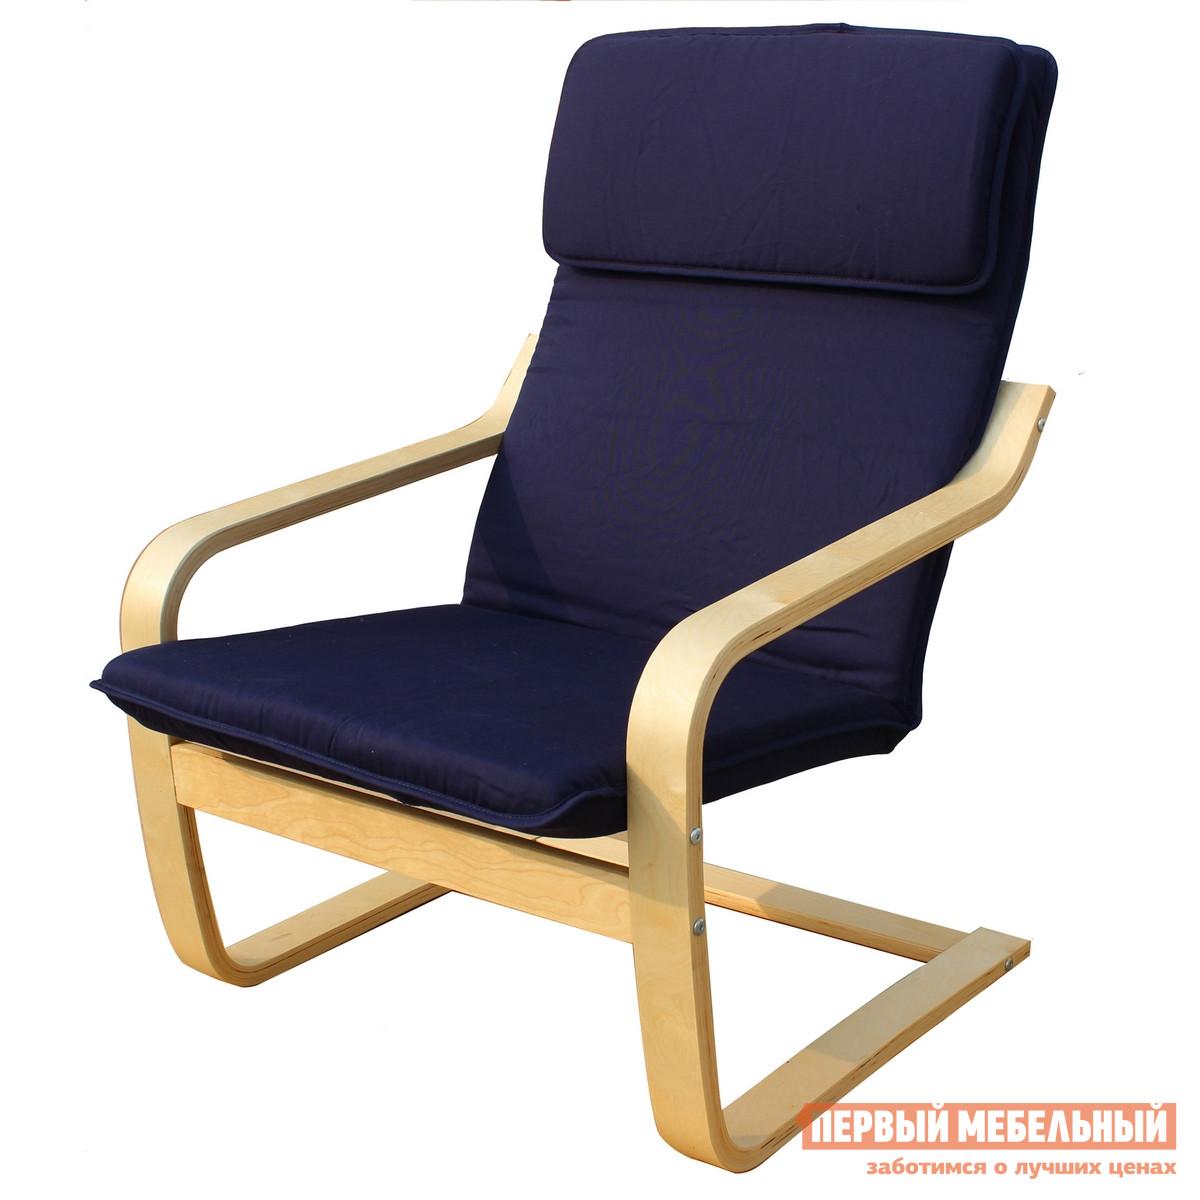 Кресло-качалка Ariva ARIVA-P1Red; Blue; Brown; Coffee; Natur (54135; 54136; 54137; 54138; 54139) Синяя тканьКресла-качалки<br>Габаритные размеры ВхШхГ 950x680x630 мм. Абсолютный комфорт и удобство вы приобретете вместе этим креслом-качалкой.  Его конструкция продумана таким образом, чтобы обеспечить мягкое и плавное покачивание без лишнего заваливания назад.  Такое кресло идеально подойдет для тех, кто хочет полностью расслабиться, его равномерные движения успокаивают и способствуют улучшению настроения. Мягкая подушка-подголовник разгрузит напряженные мышцы шеи и спины.  Натуральная хлопковая обивка и наполнитель из холофайбера обеспечат приятные тактильные ощущения. Ненавязчивый, элегантный дизайн позволит вам разместить данную модель совершенно в любом интерьере.  Изогнутые ножки выполнены из массива сосны.  Кресло выдерживает нагрузку до 95 кг.  Высота от пола до сиденья — 330 мм.<br><br>Цвет: Синяя ткань<br>Цвет: Синий<br>Высота мм: 950<br>Ширина мм: 680<br>Глубина мм: 630<br>Форма поставки: В разобранном виде<br>Срок гарантии: 1 год<br>Тип: Качалка<br>Материал: Деревянные, из ткани, Из натурального дерева<br>Порода дерева: из сосны<br>Особенности: С подлокотниками, С мягким сиденьем